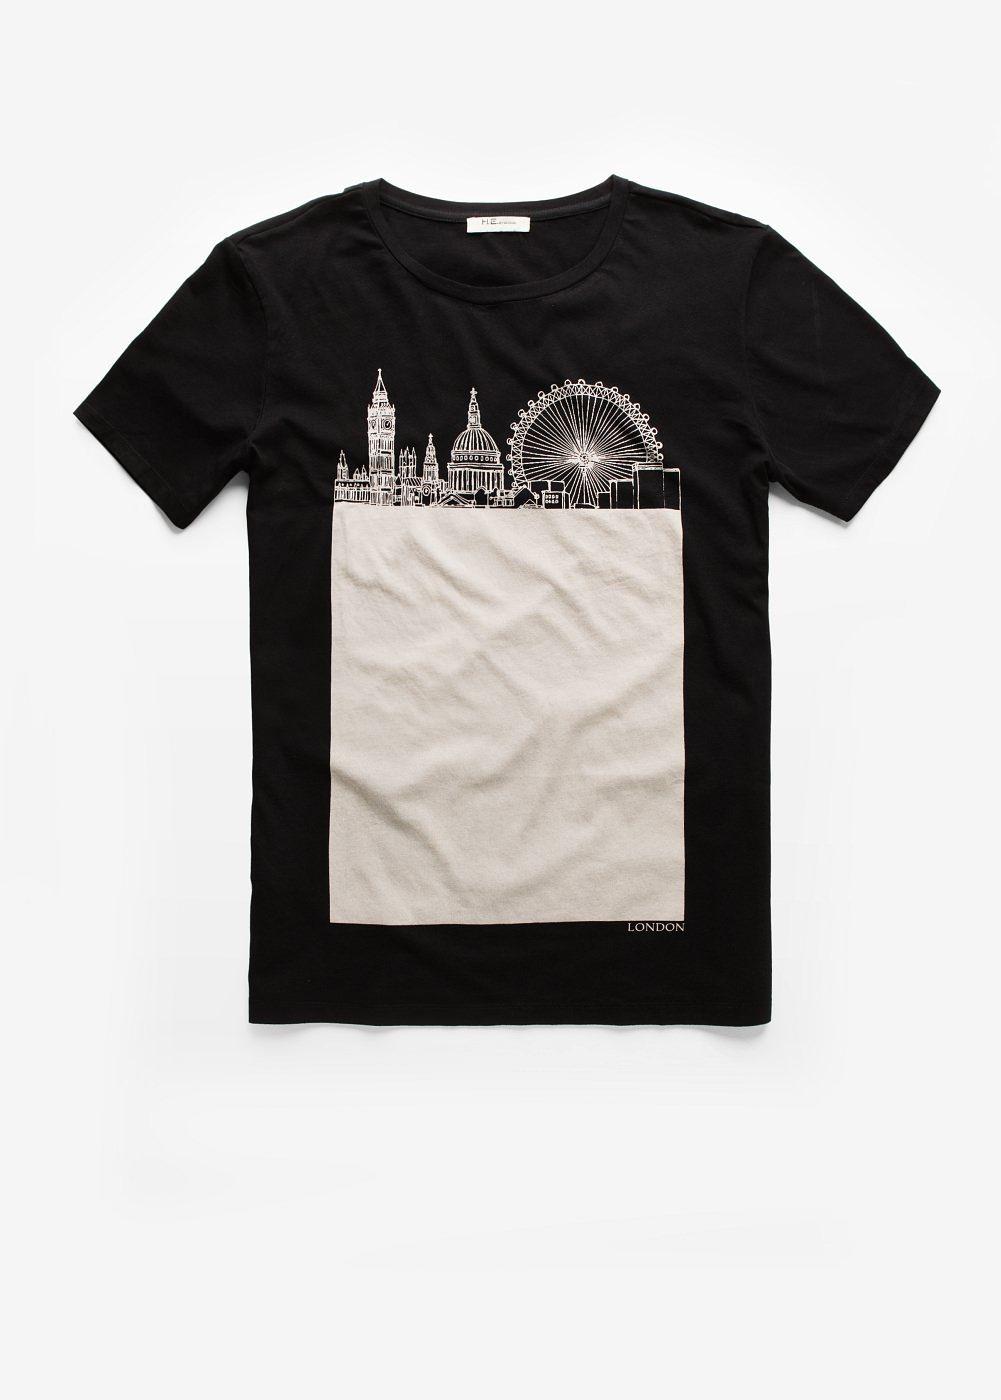 deb2565611 Camiseta skyline londres - Hombre